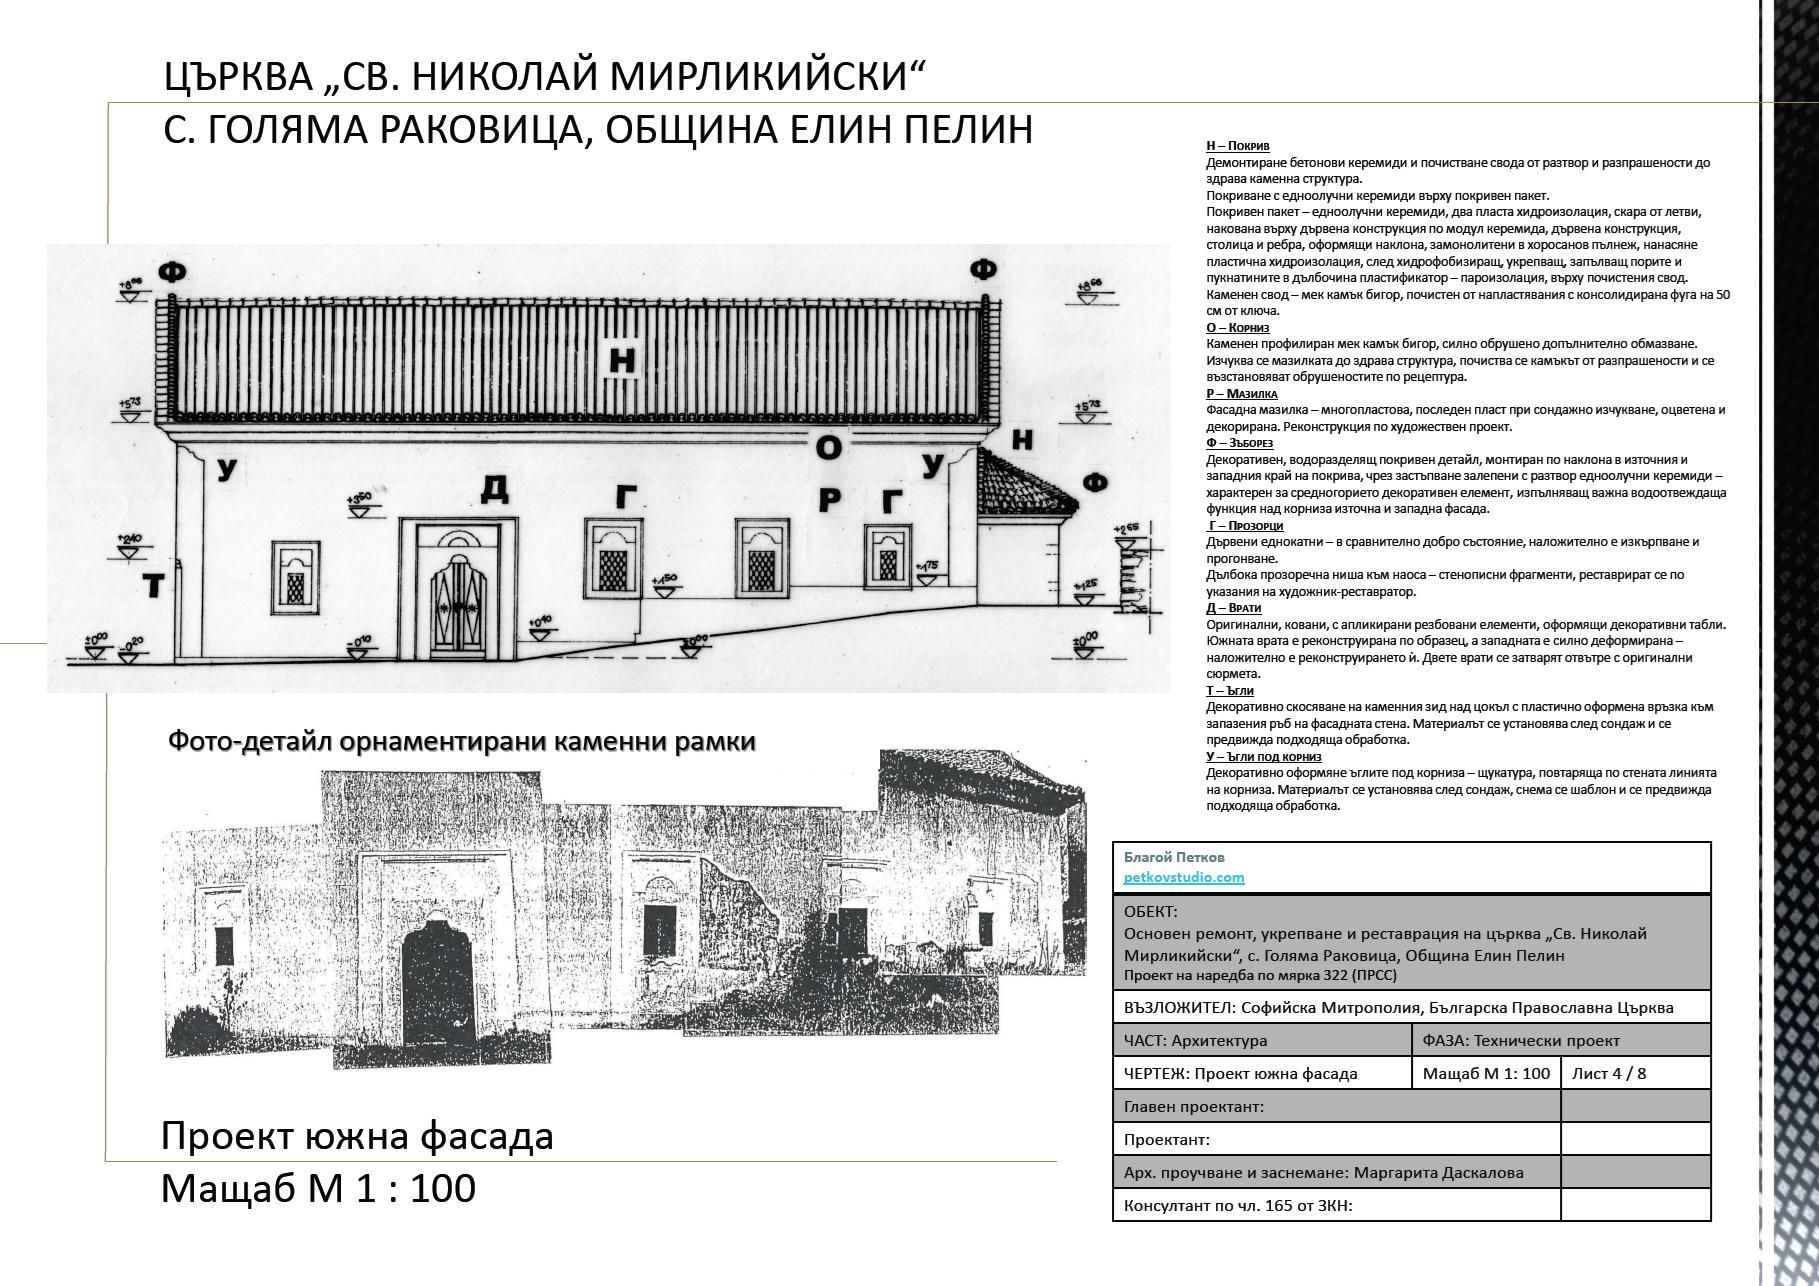 Проекти за консервация и реставрация